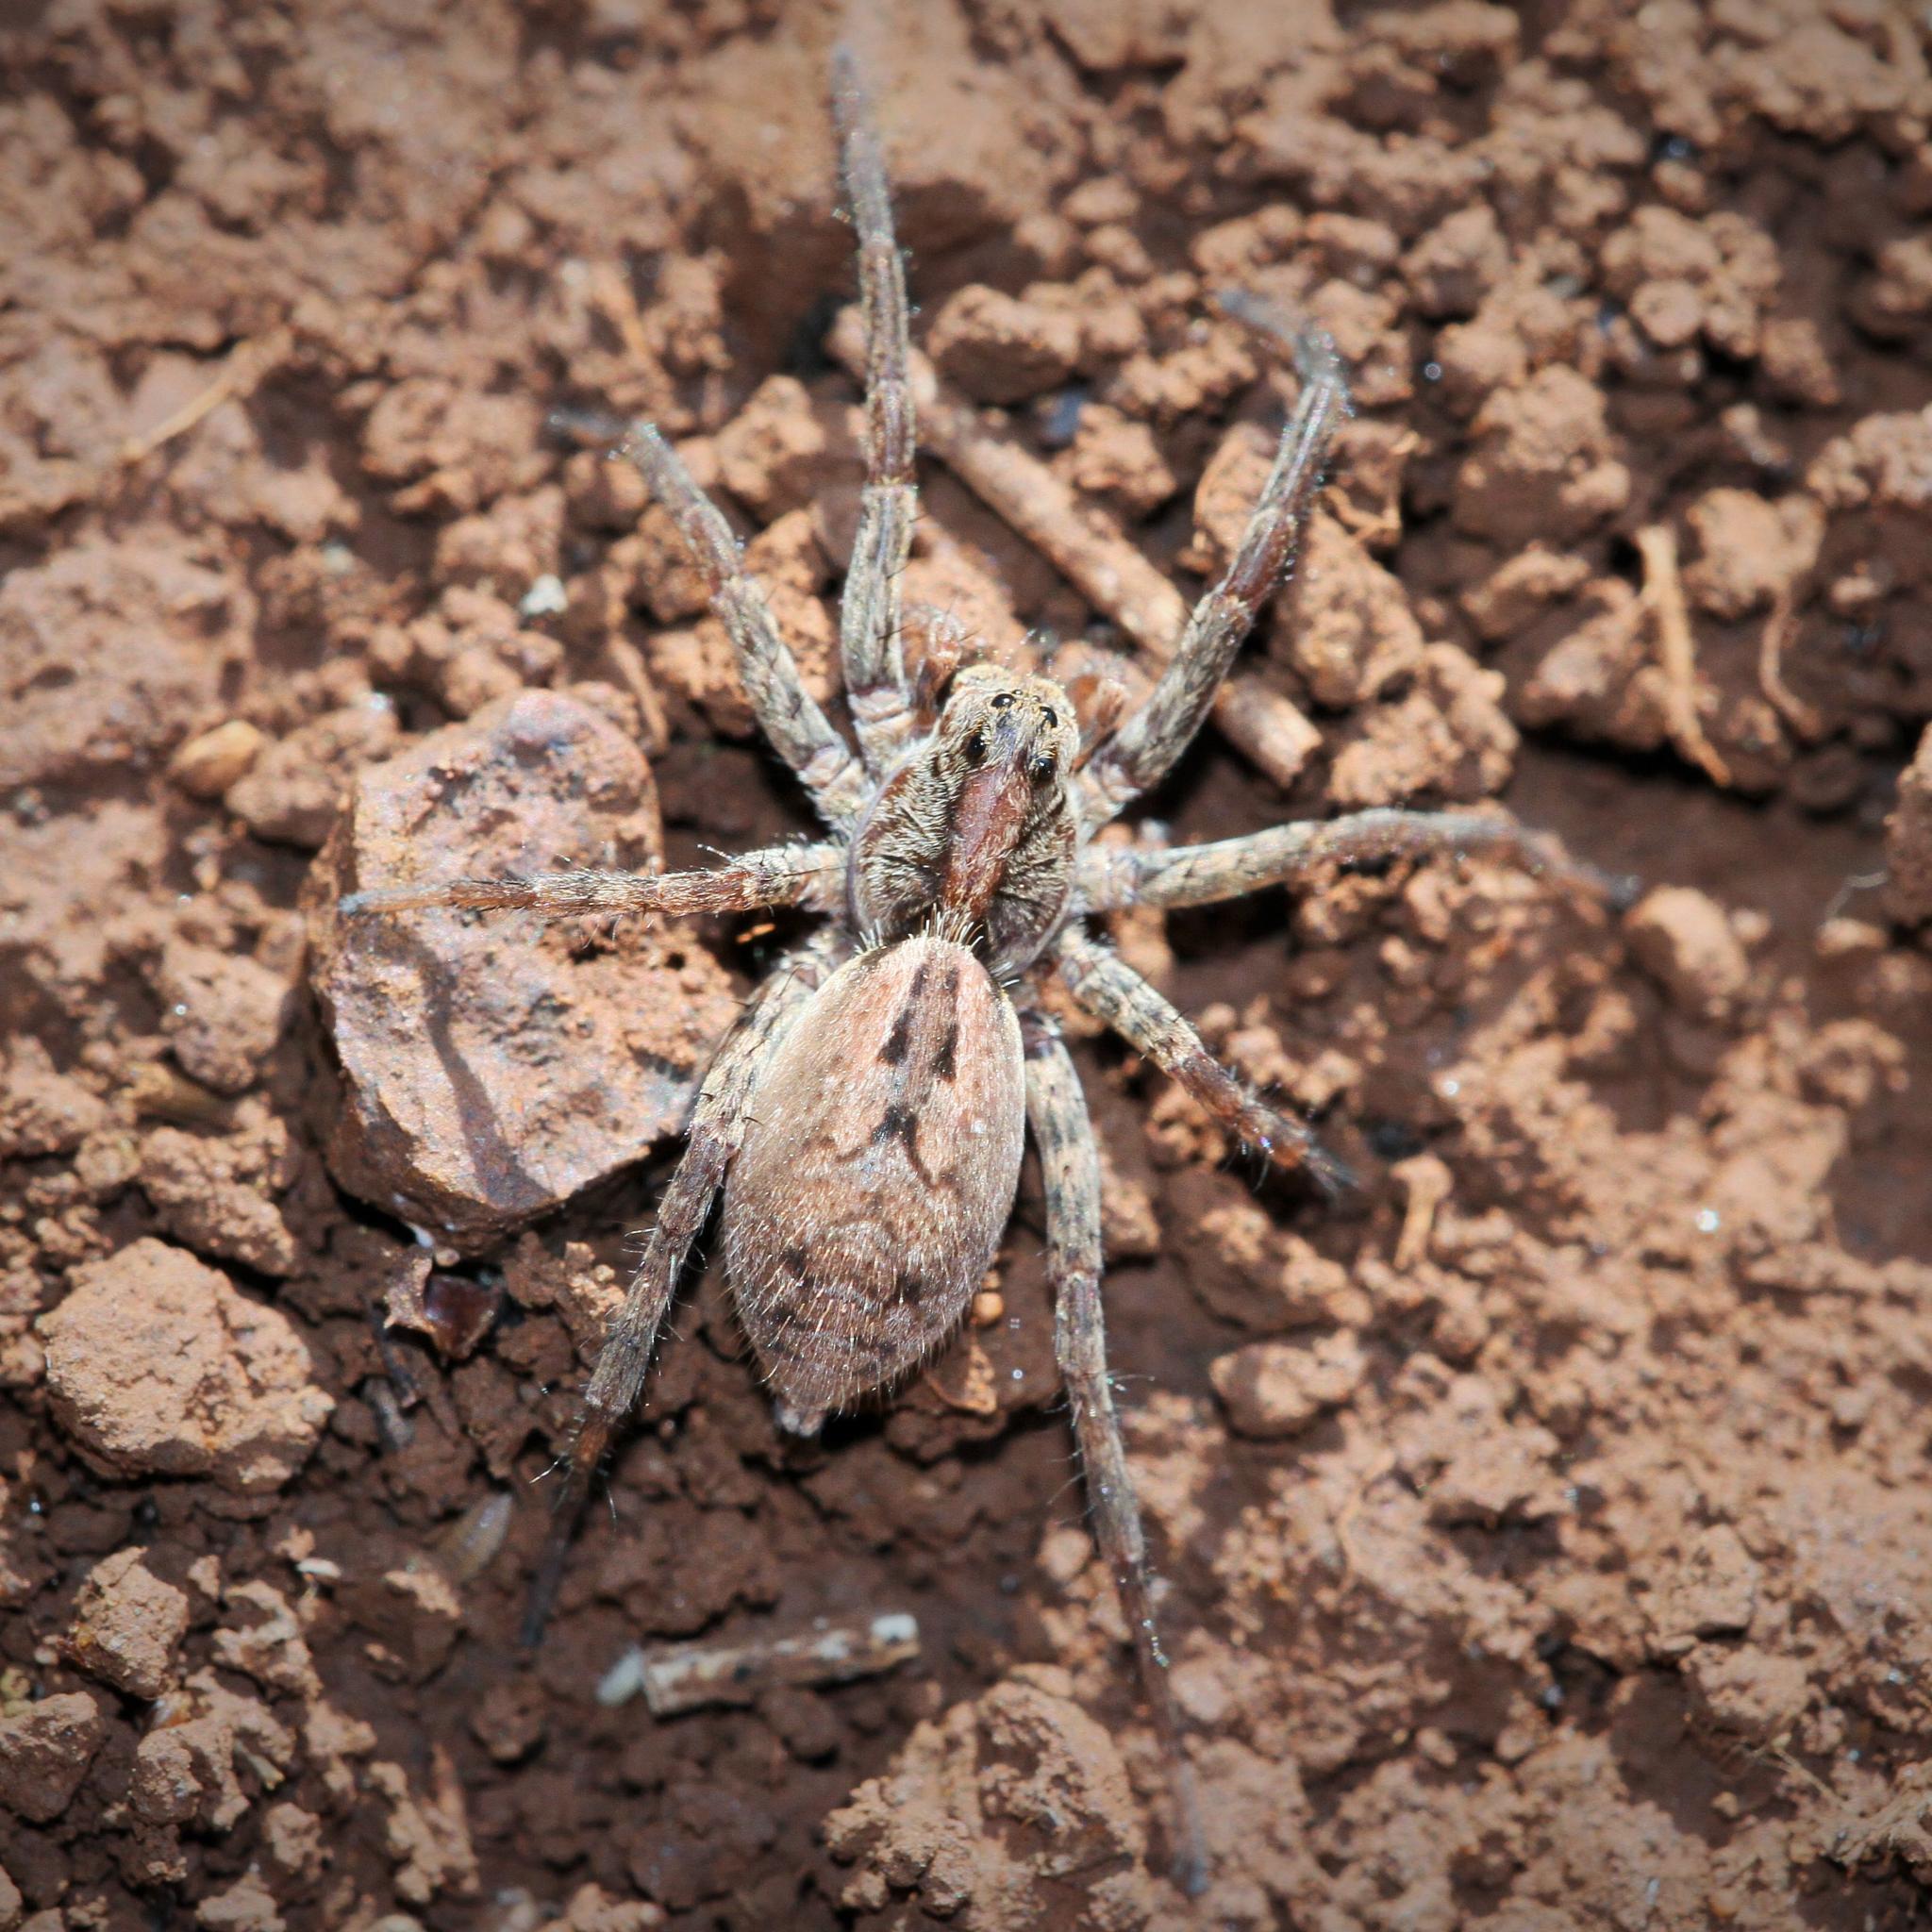 Spider by silviosteinhaus